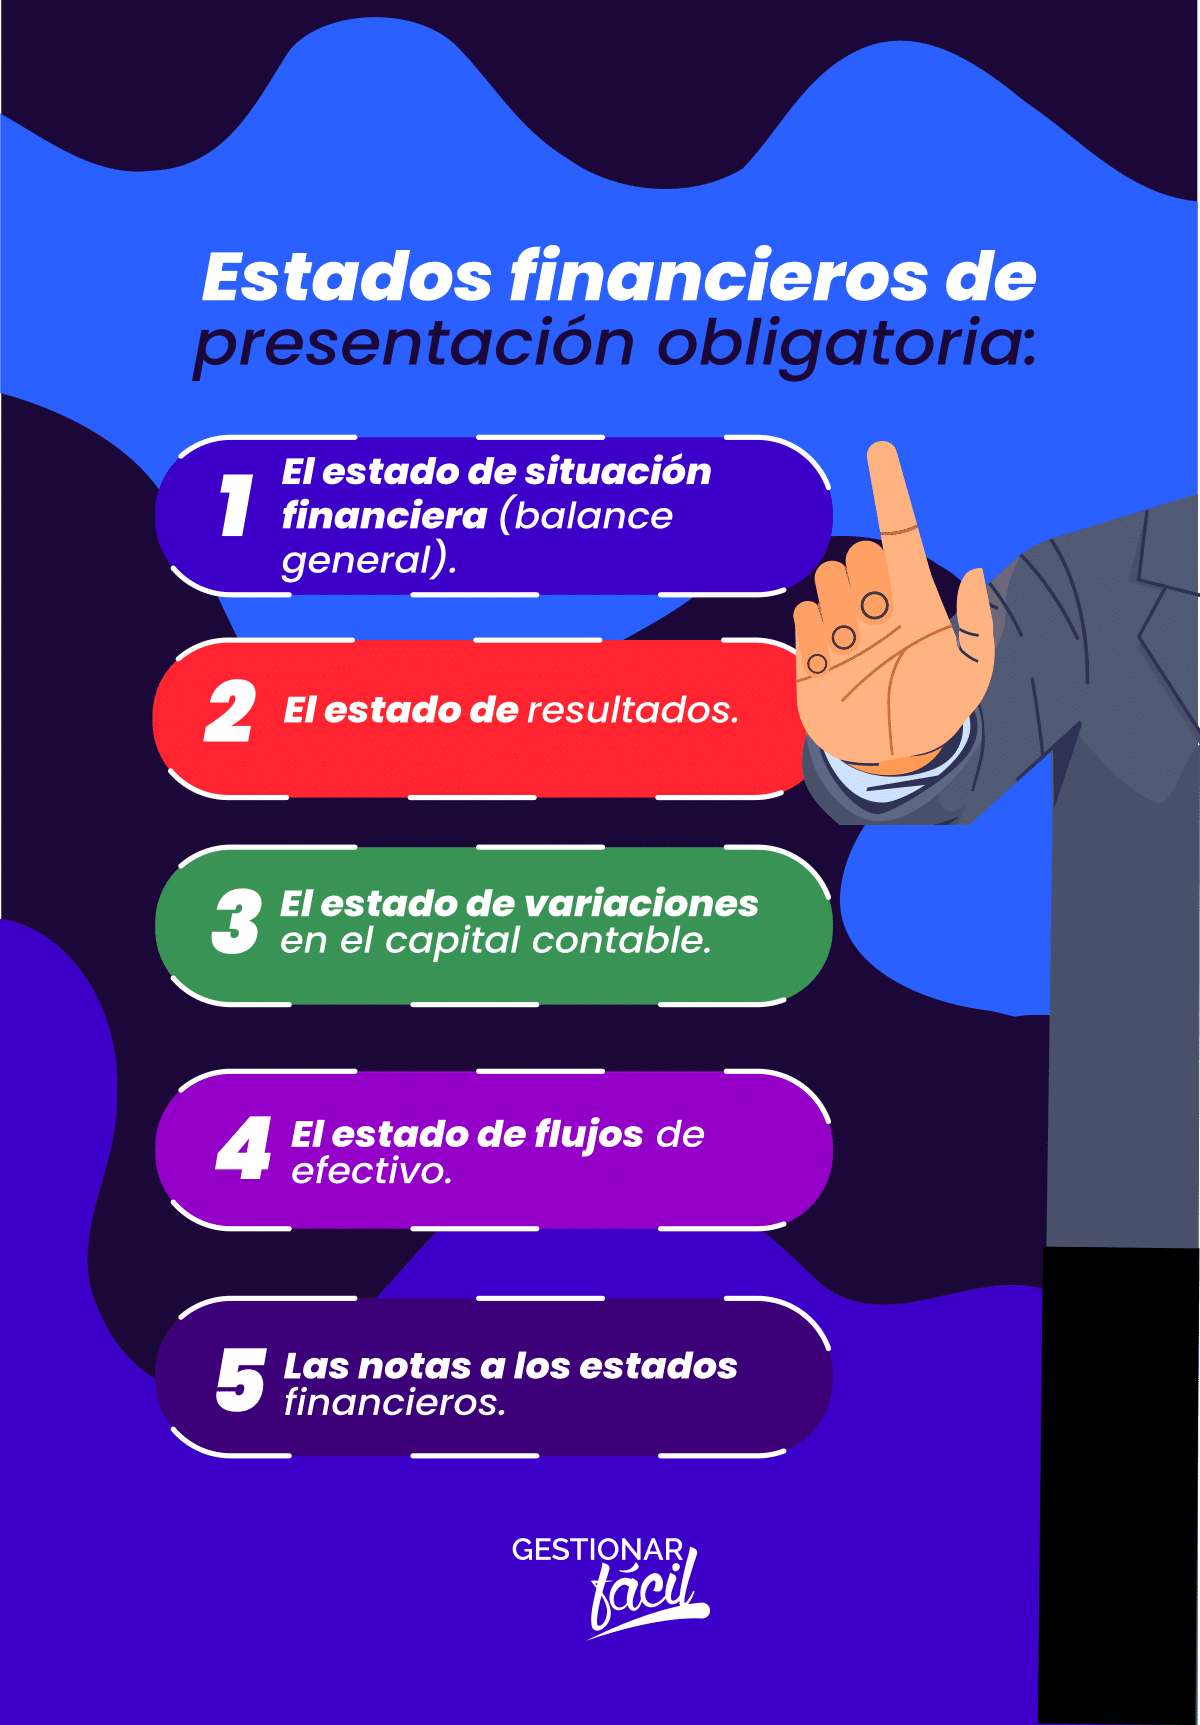 Estados financieros de presentación obligatoria.